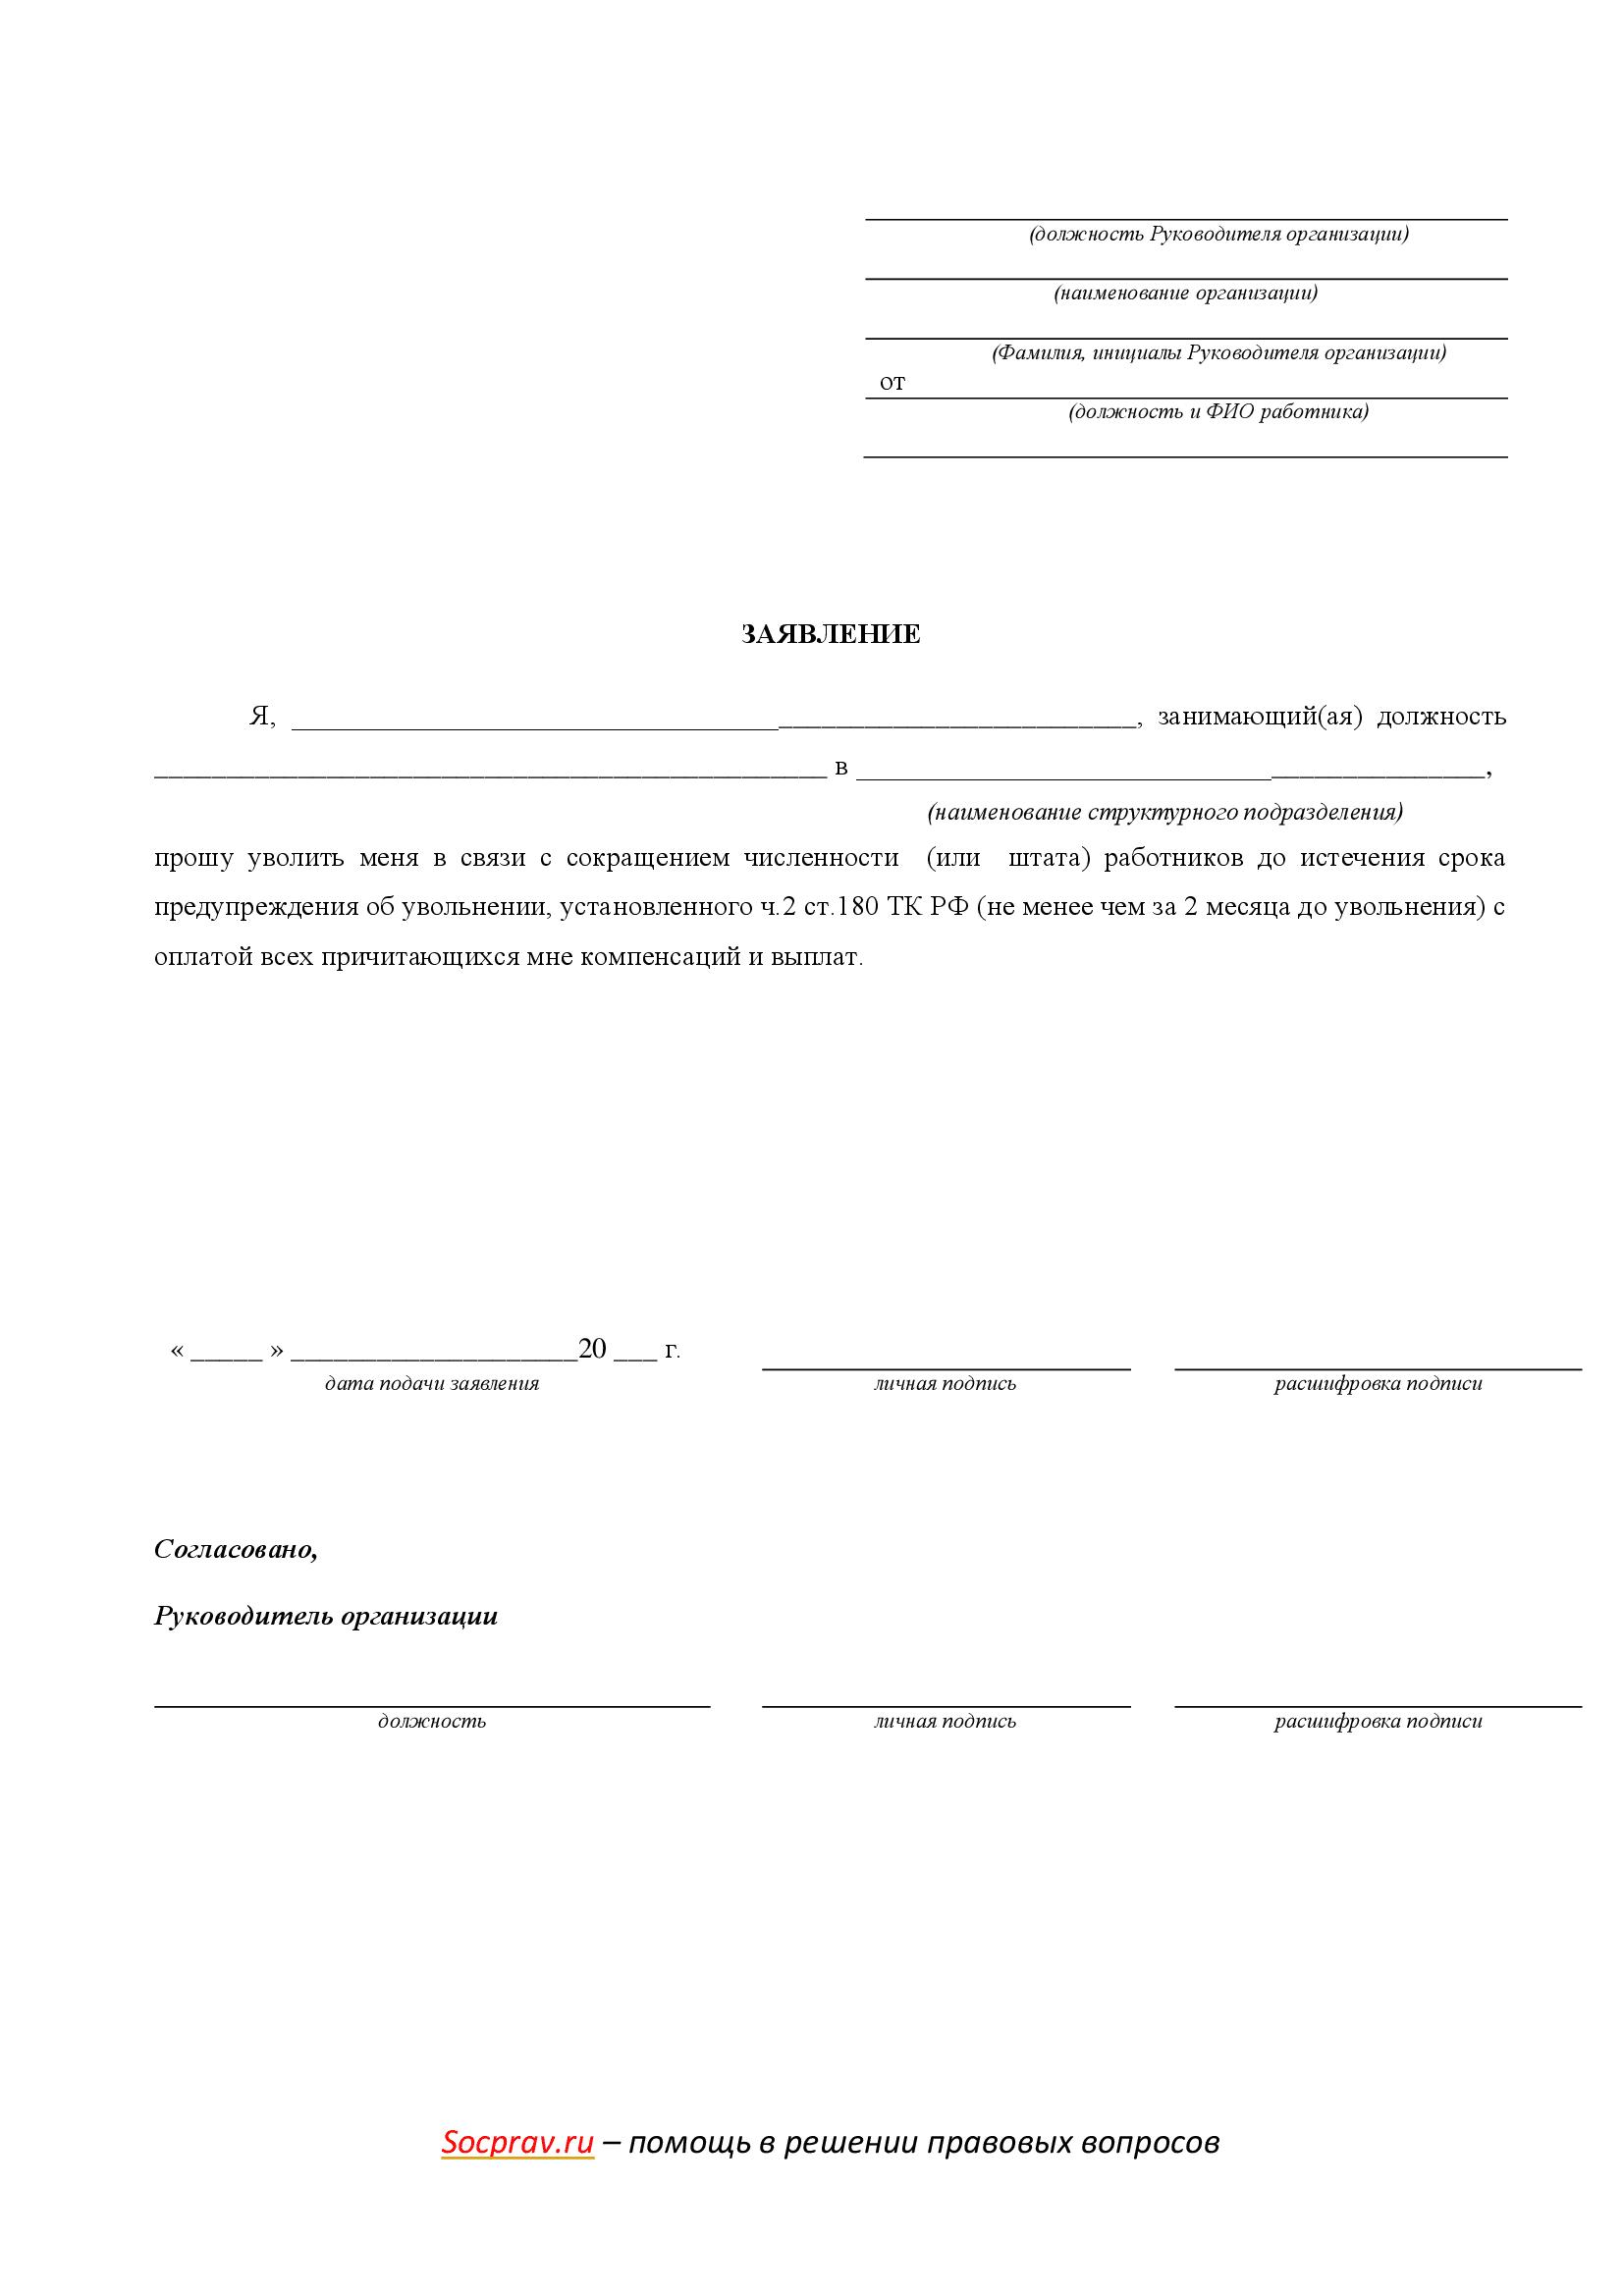 Заявление о досрочном увольнении по сокращению штата